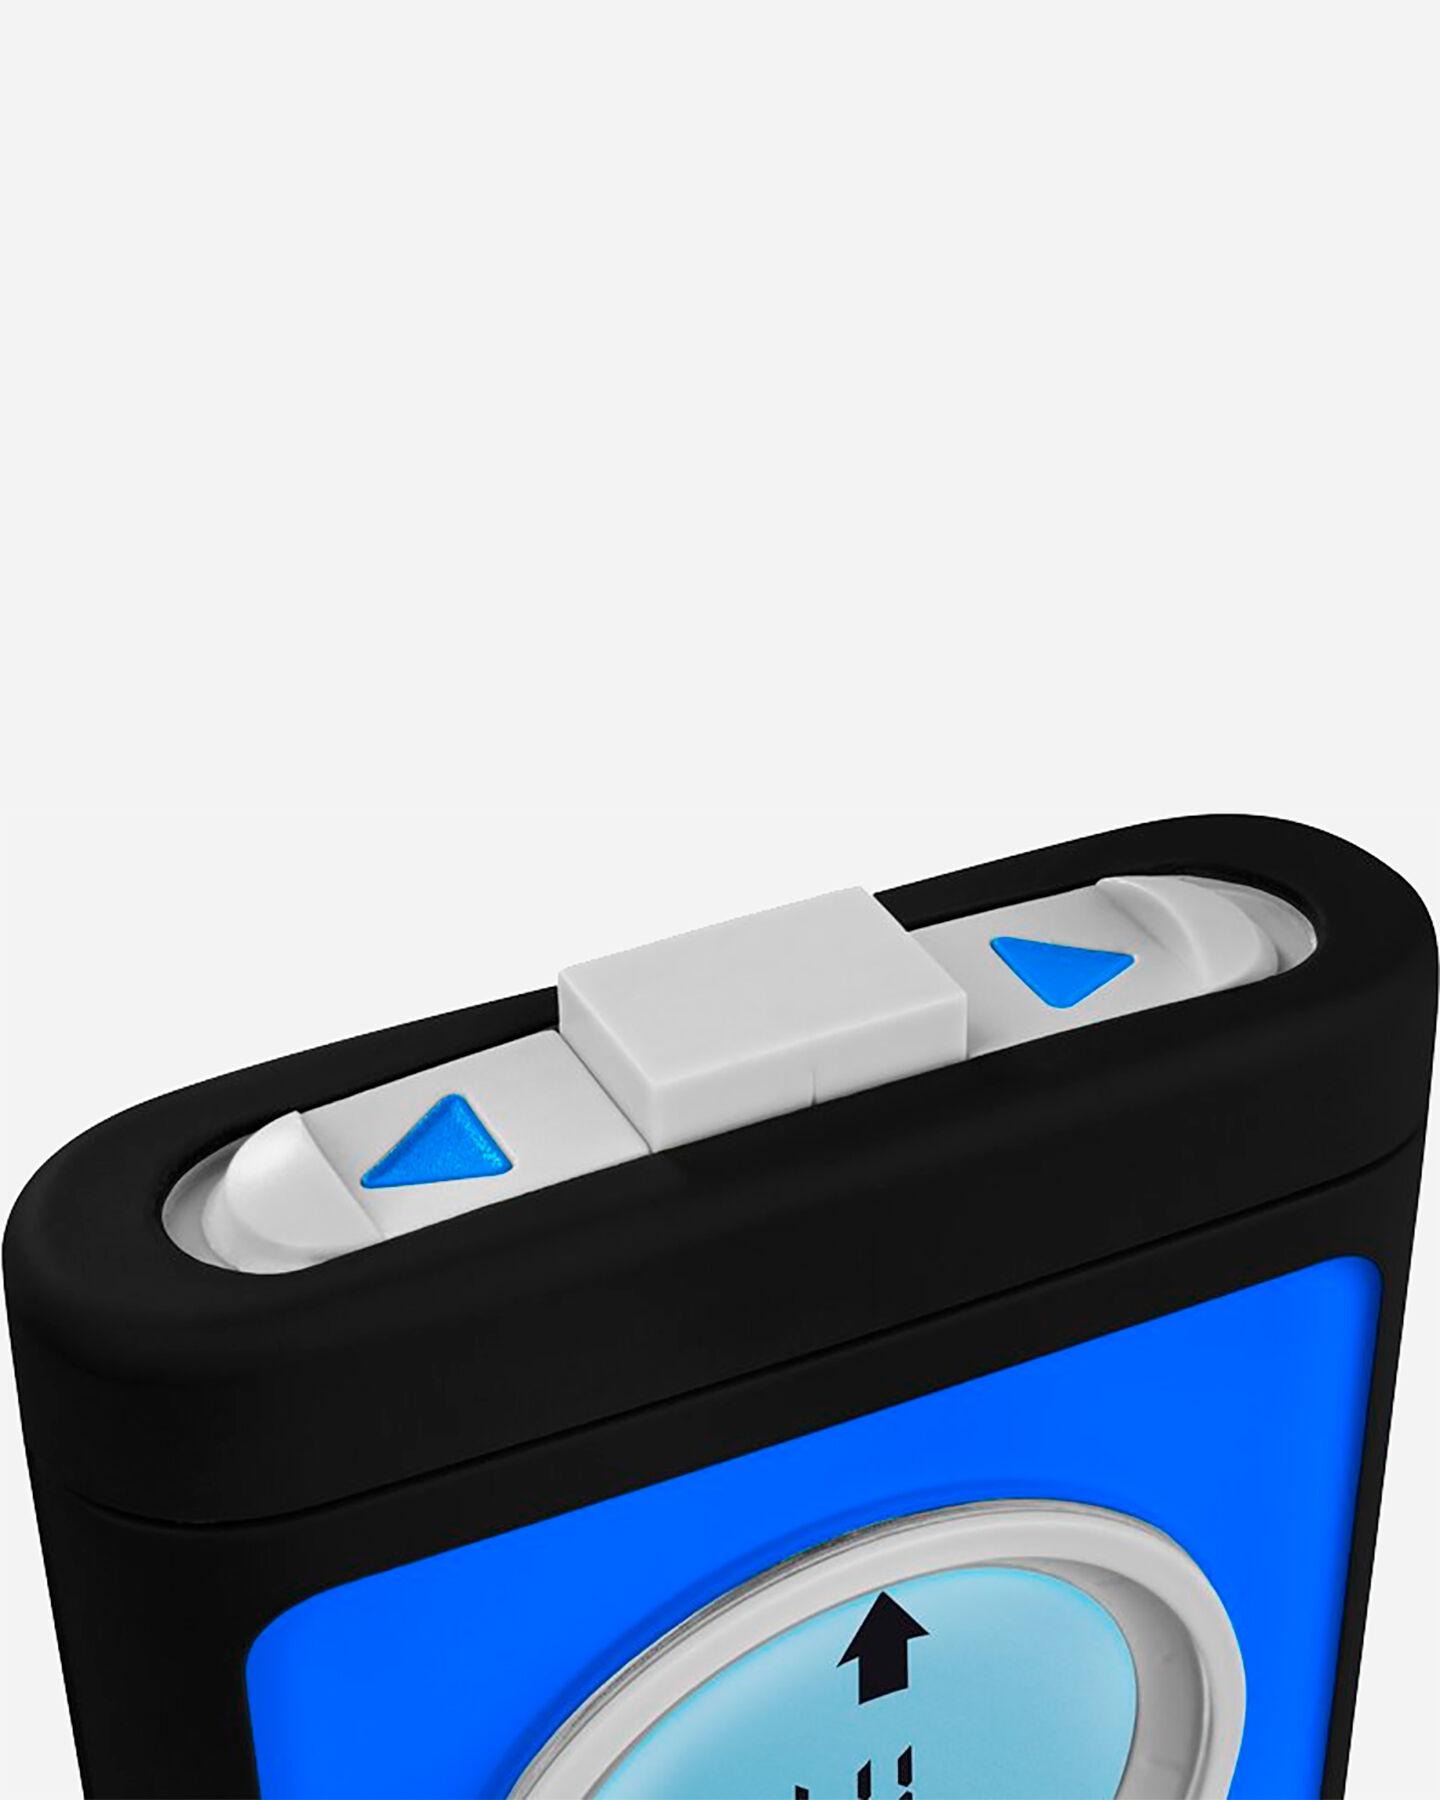 Accessorio sci ORTOVOX 3+ ARTVA S1189229|1|UNI scatto 2